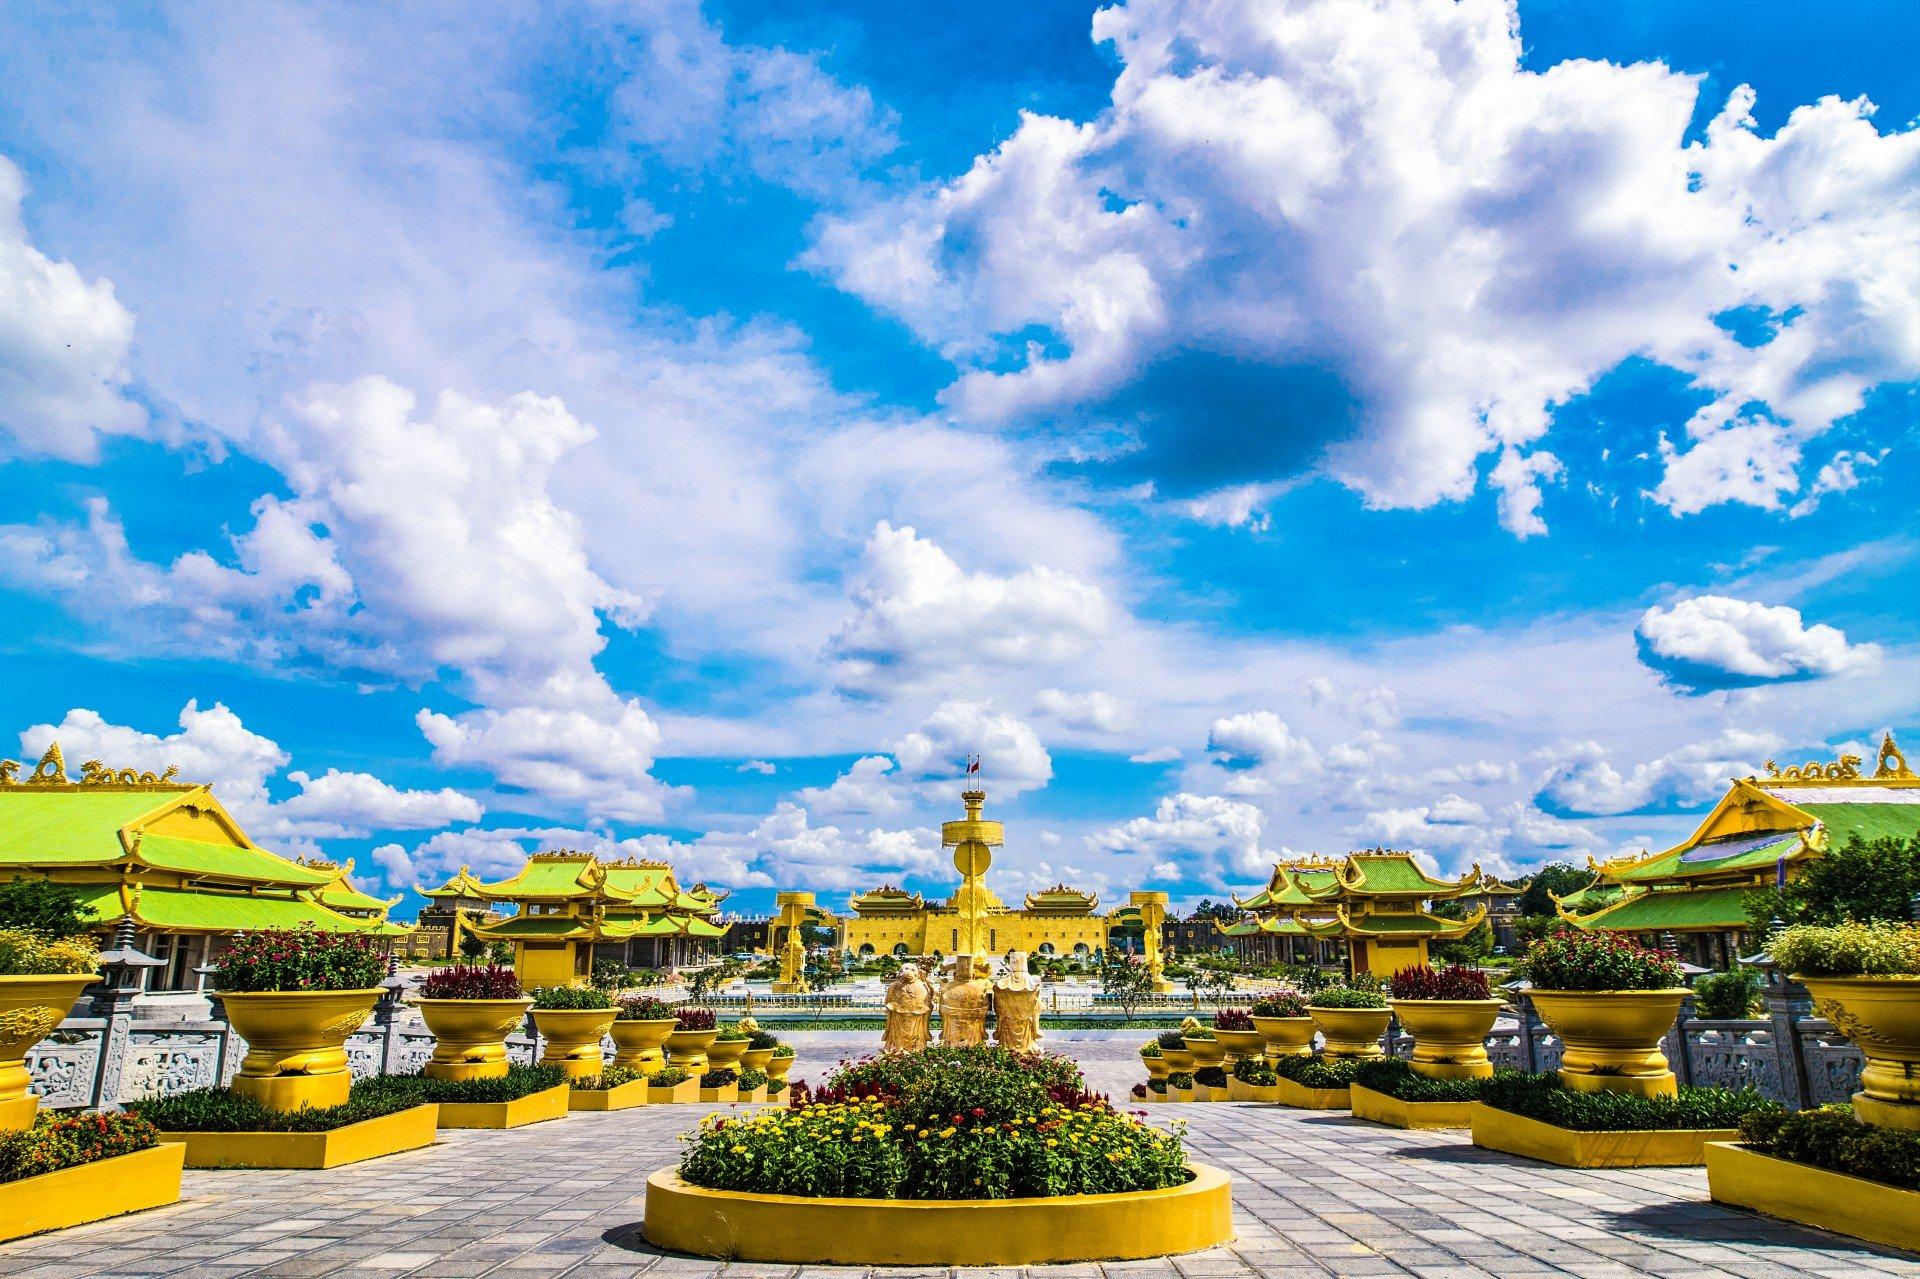 Khu du lịch có diện tích lớn nhất Đông Nam Á